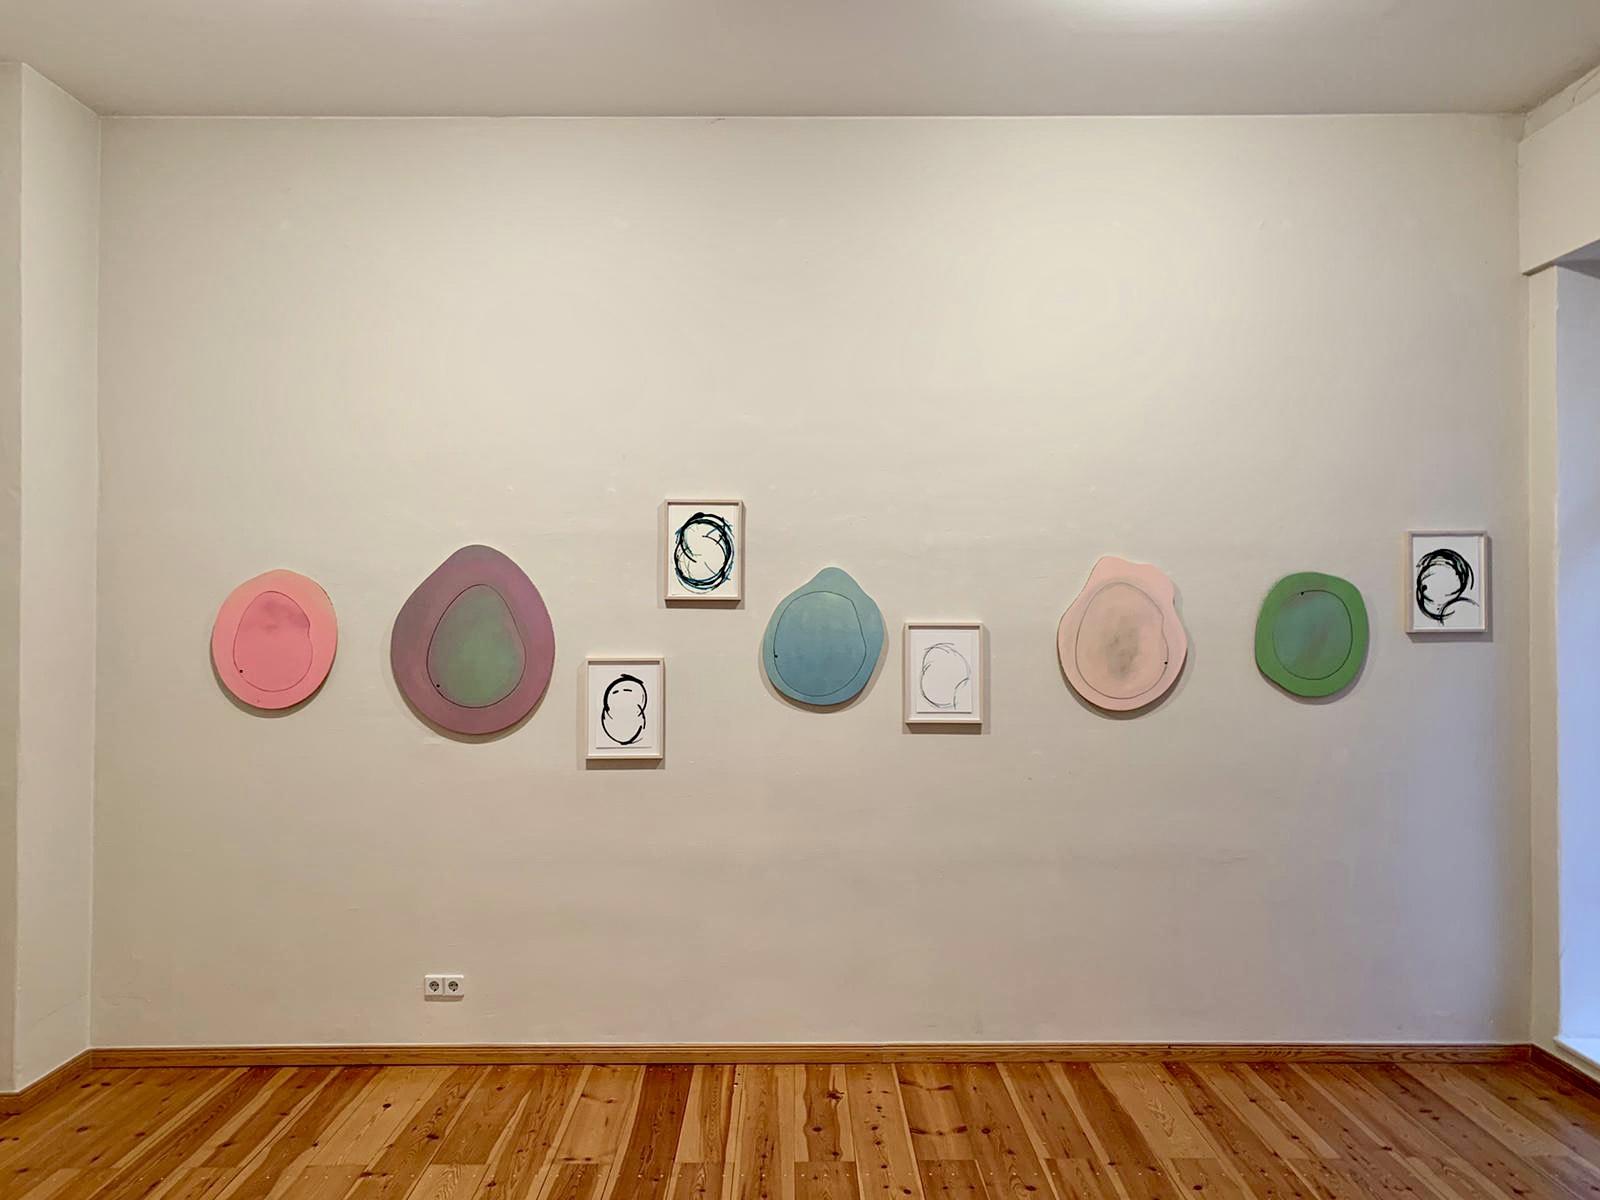 Between one and two! - Ausstellung von Christel Fetzer, 2021 bei Rahmen und Kunst, Berlin